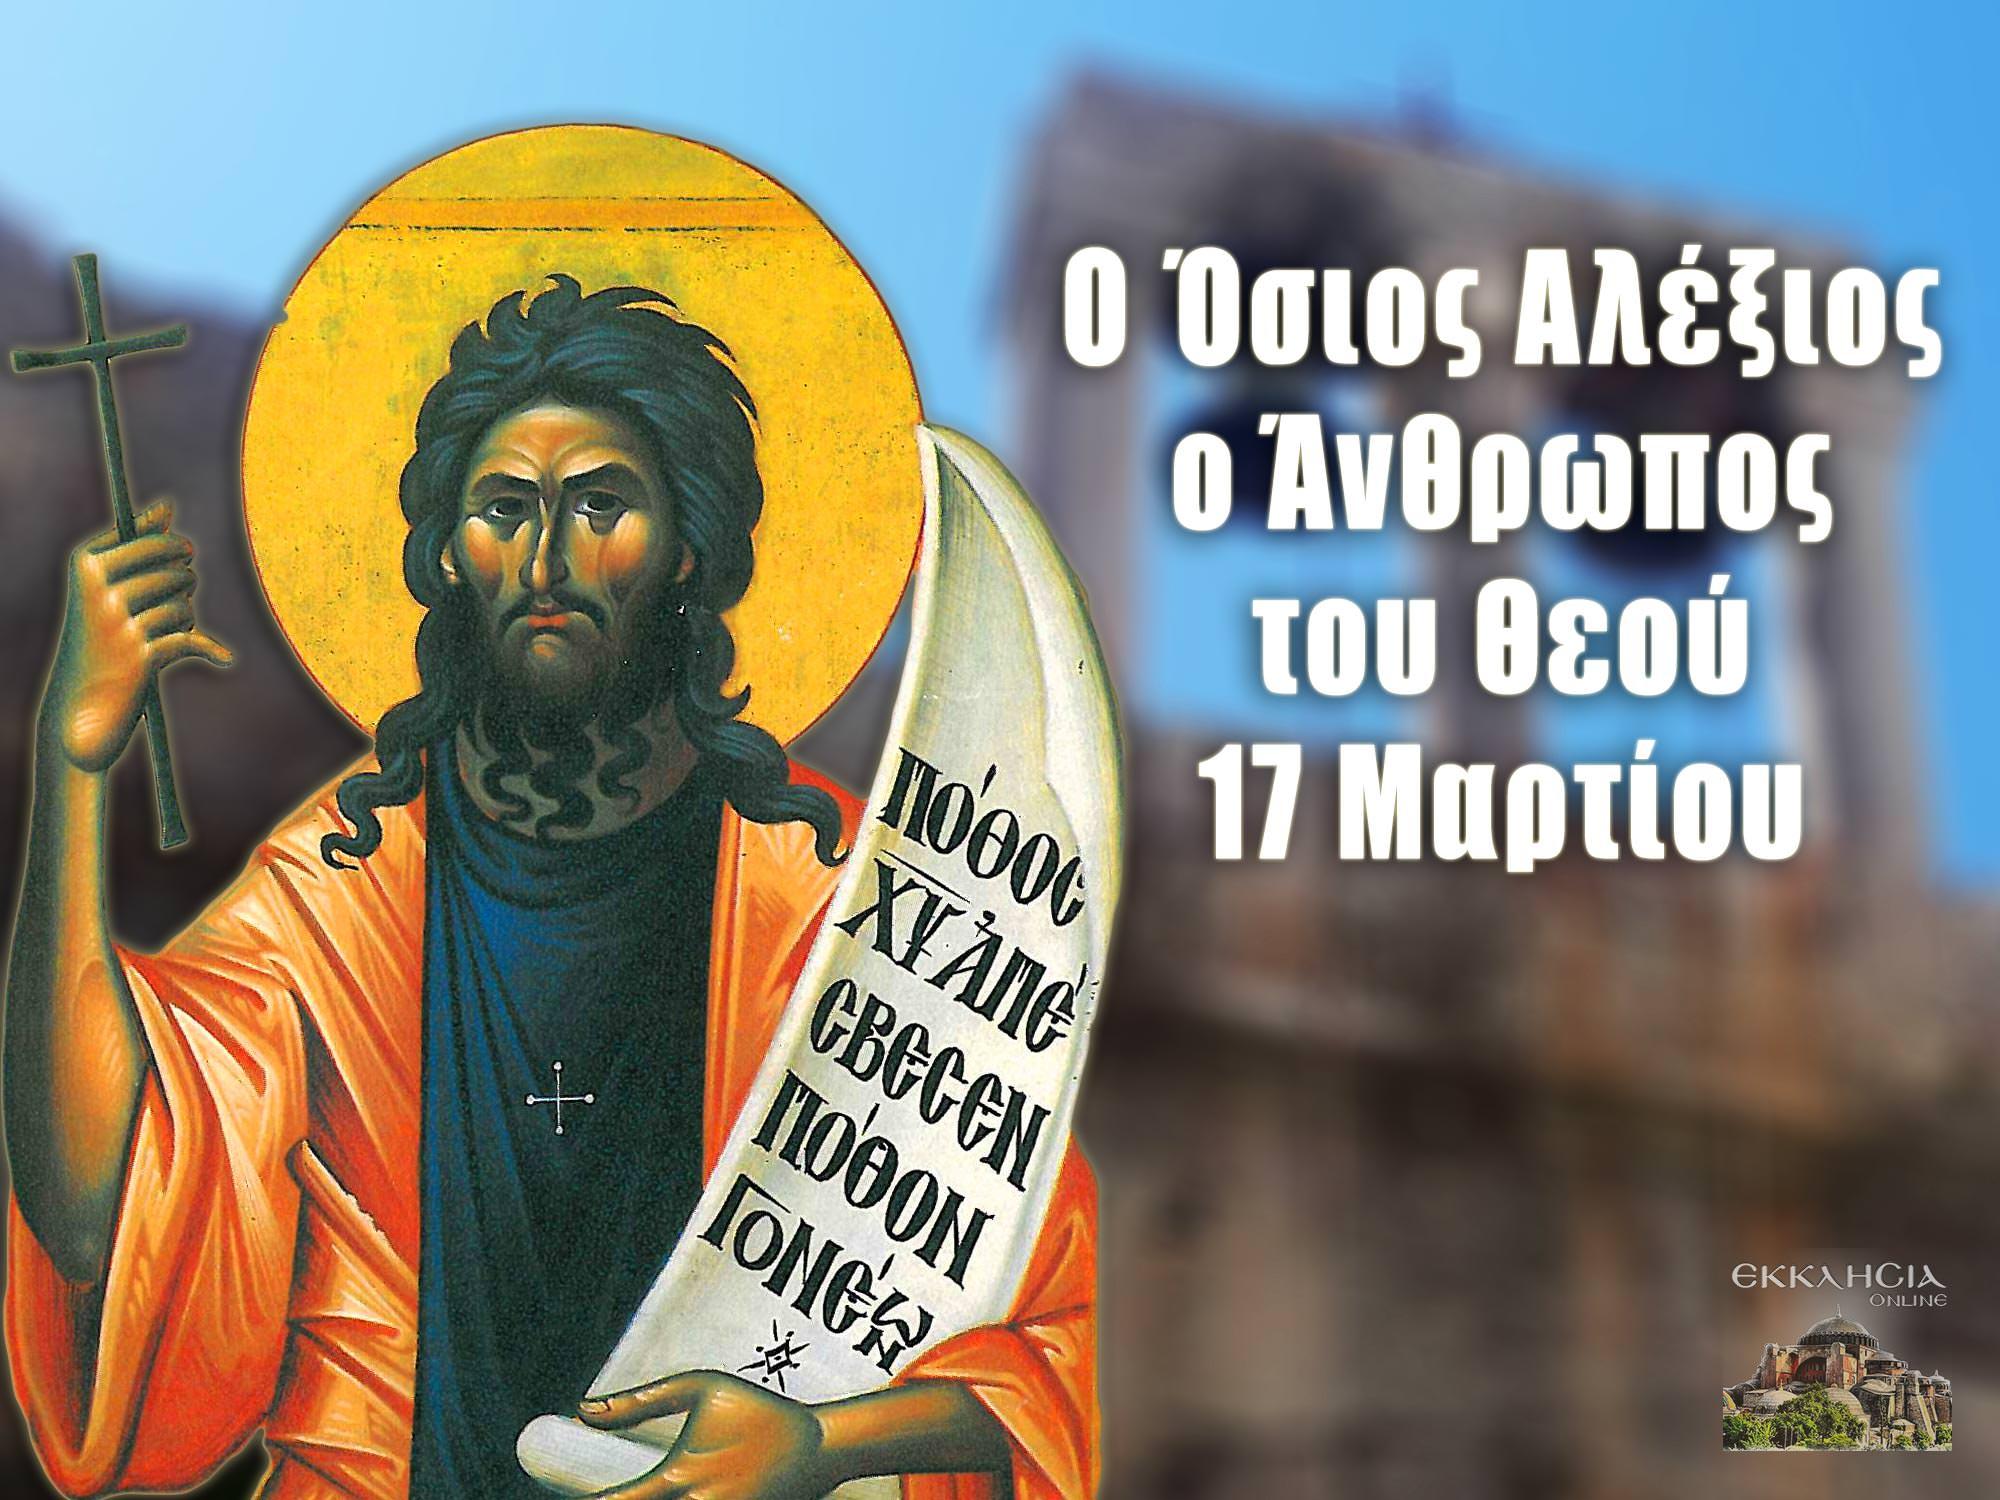 Όσιος Αλέξιος του Θεού 17 Μαρτίου